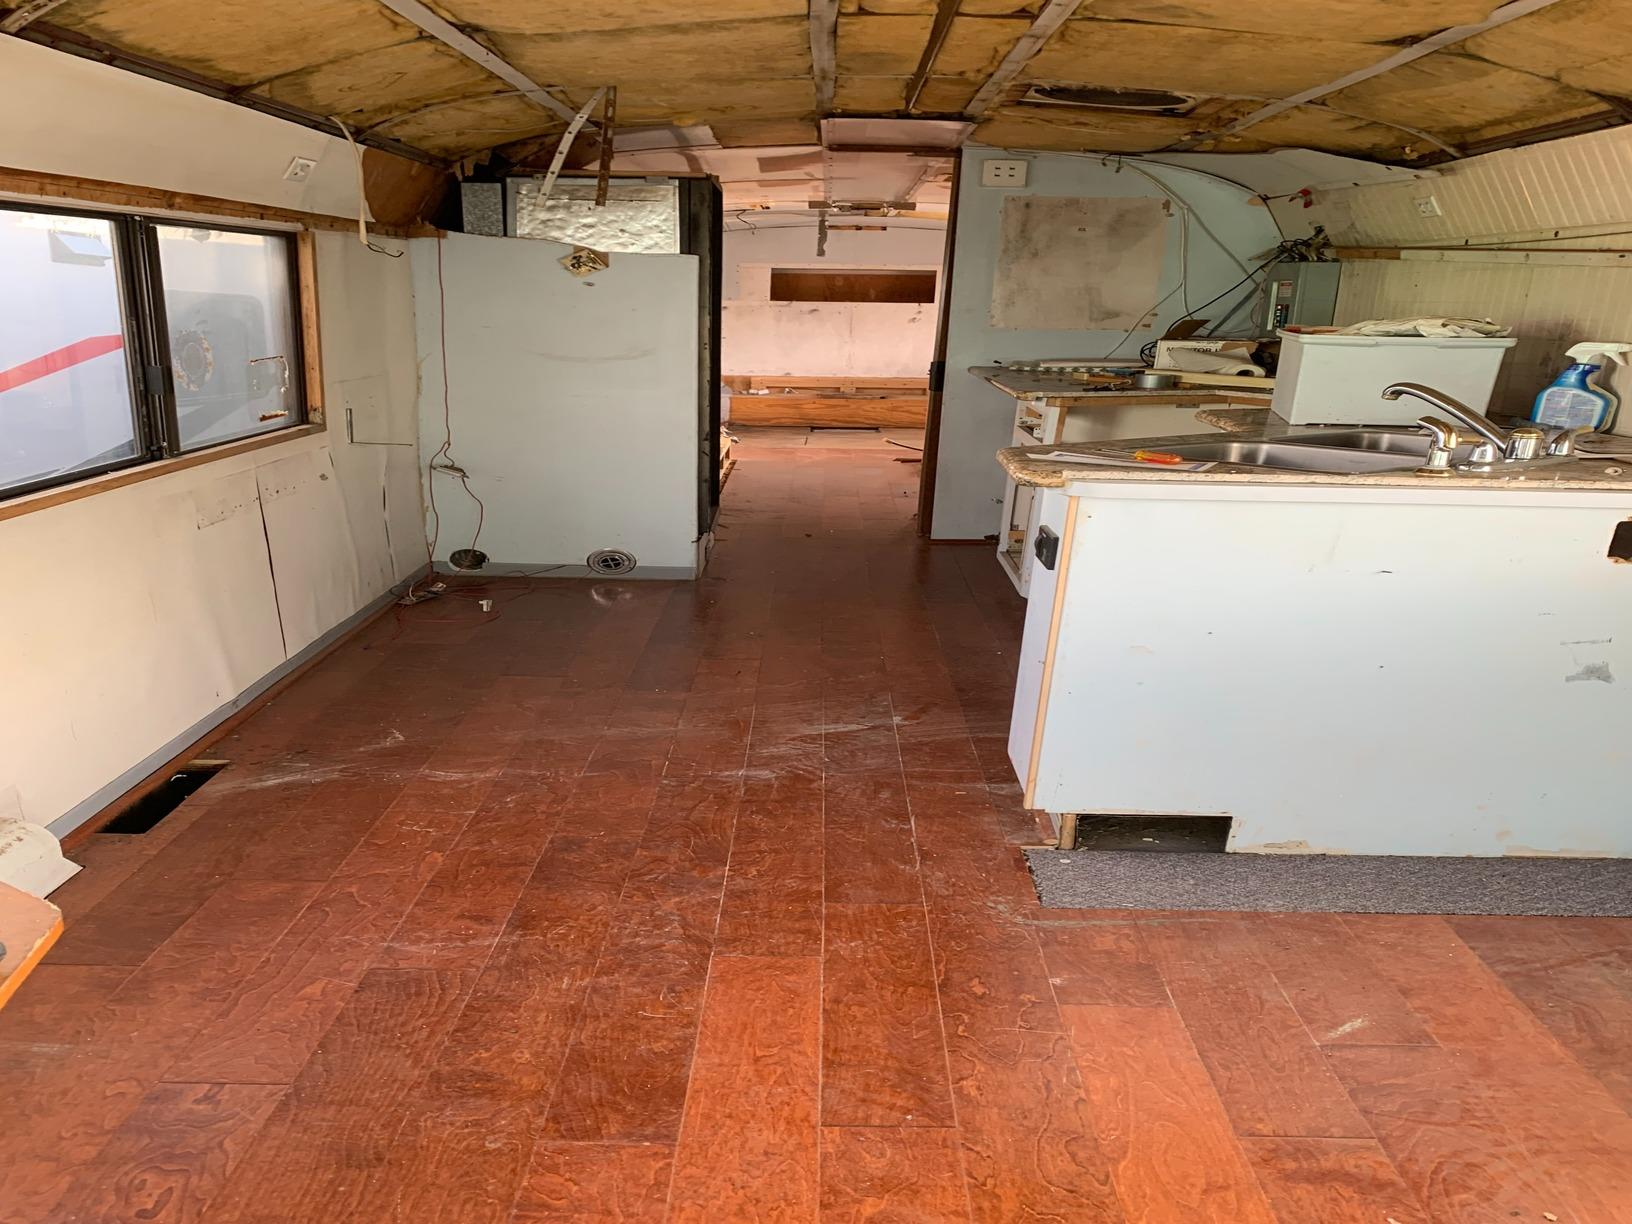 Mobile Home Reno in Rancho Bernardo, CA - After Photo